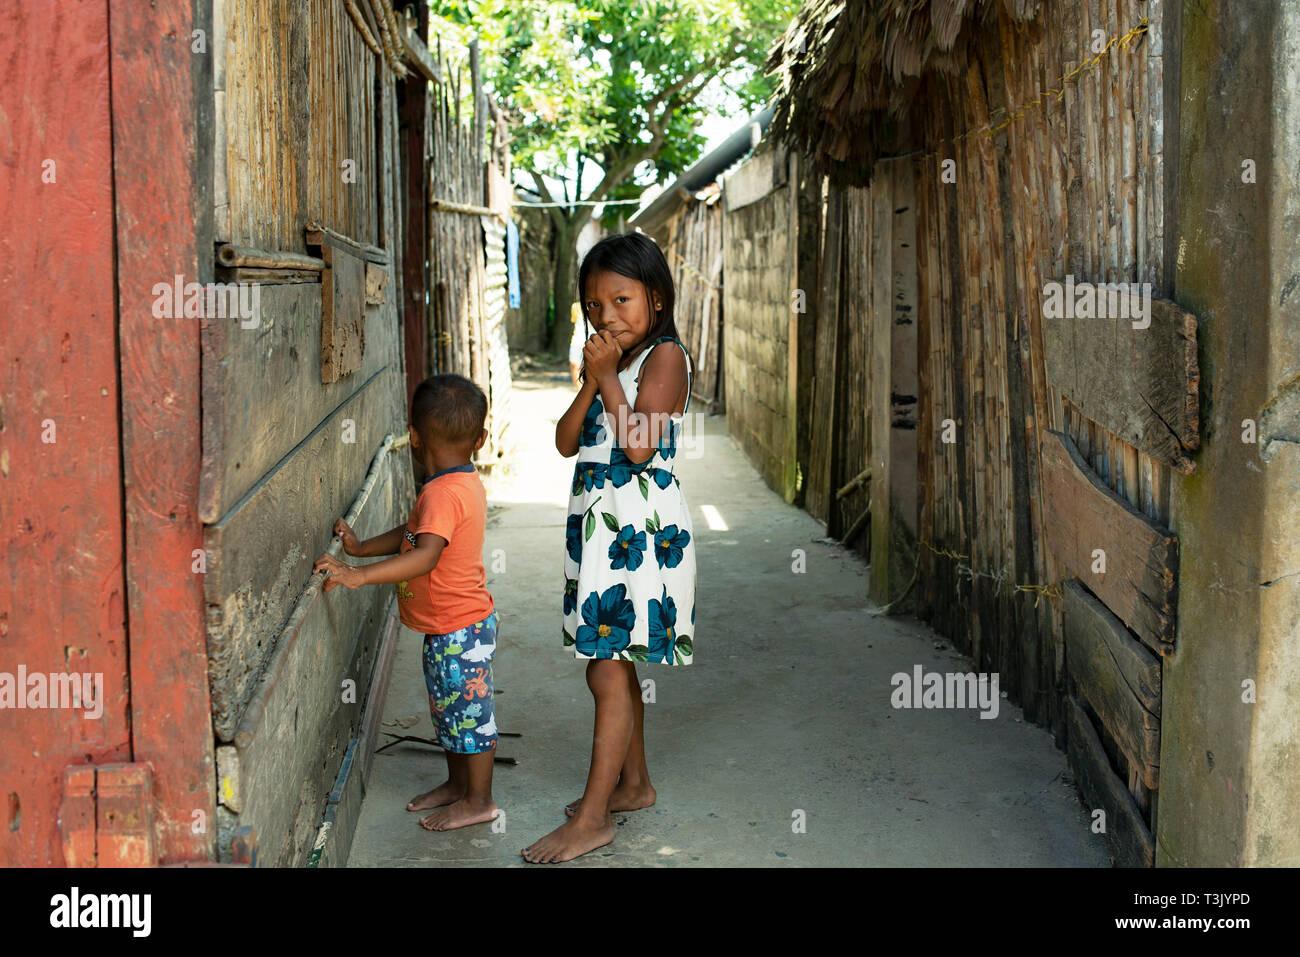 Kuna nativo de los niños en la aldea; Carti, isla del archipiélago de Kuna Yala, las Islas de San Blas, Panamá. Uso Editorial. Oct 2018 Foto de stock